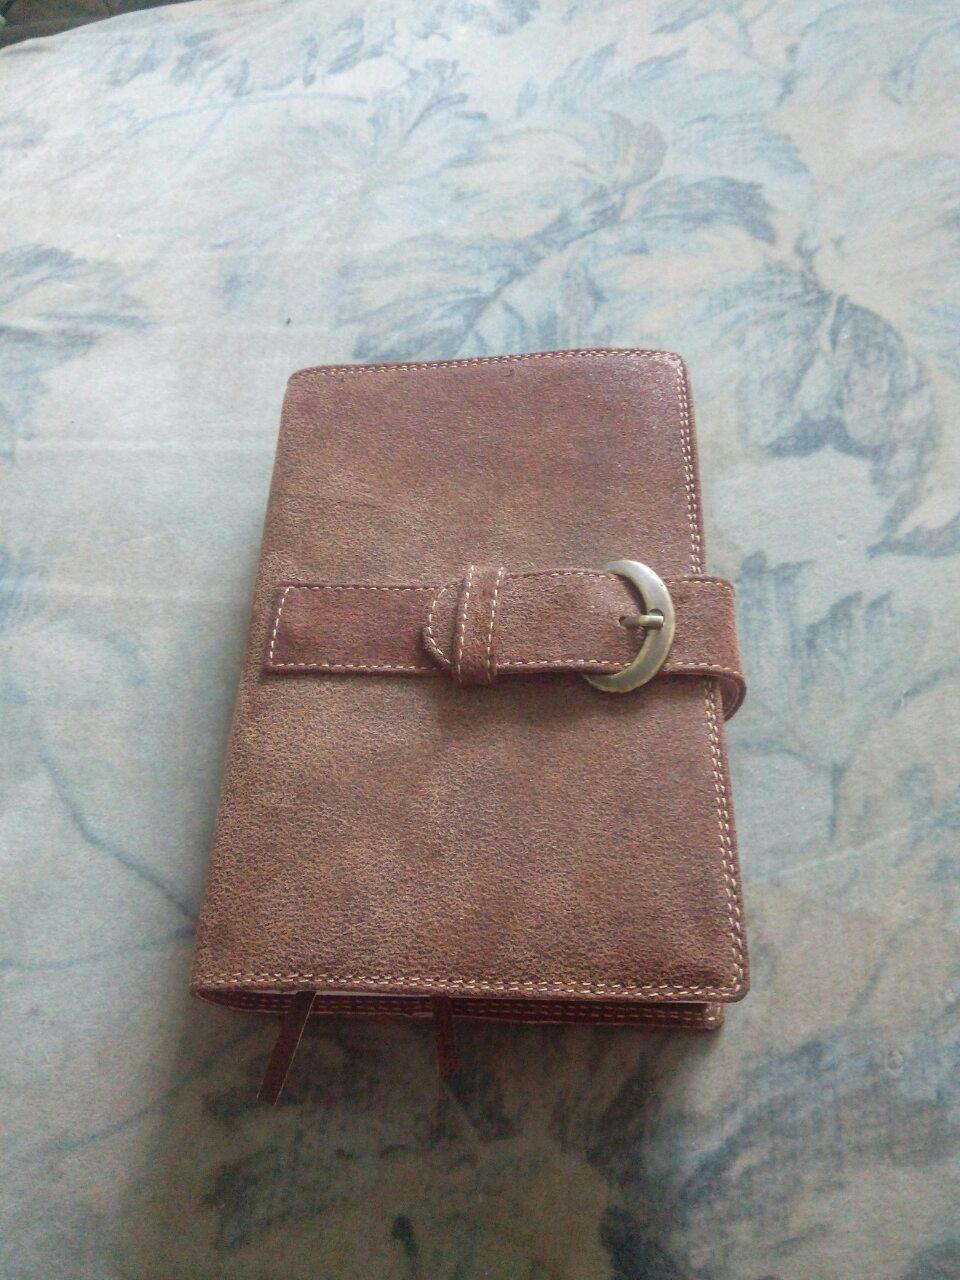 Обкладинка для блокноту щоденника бібліі